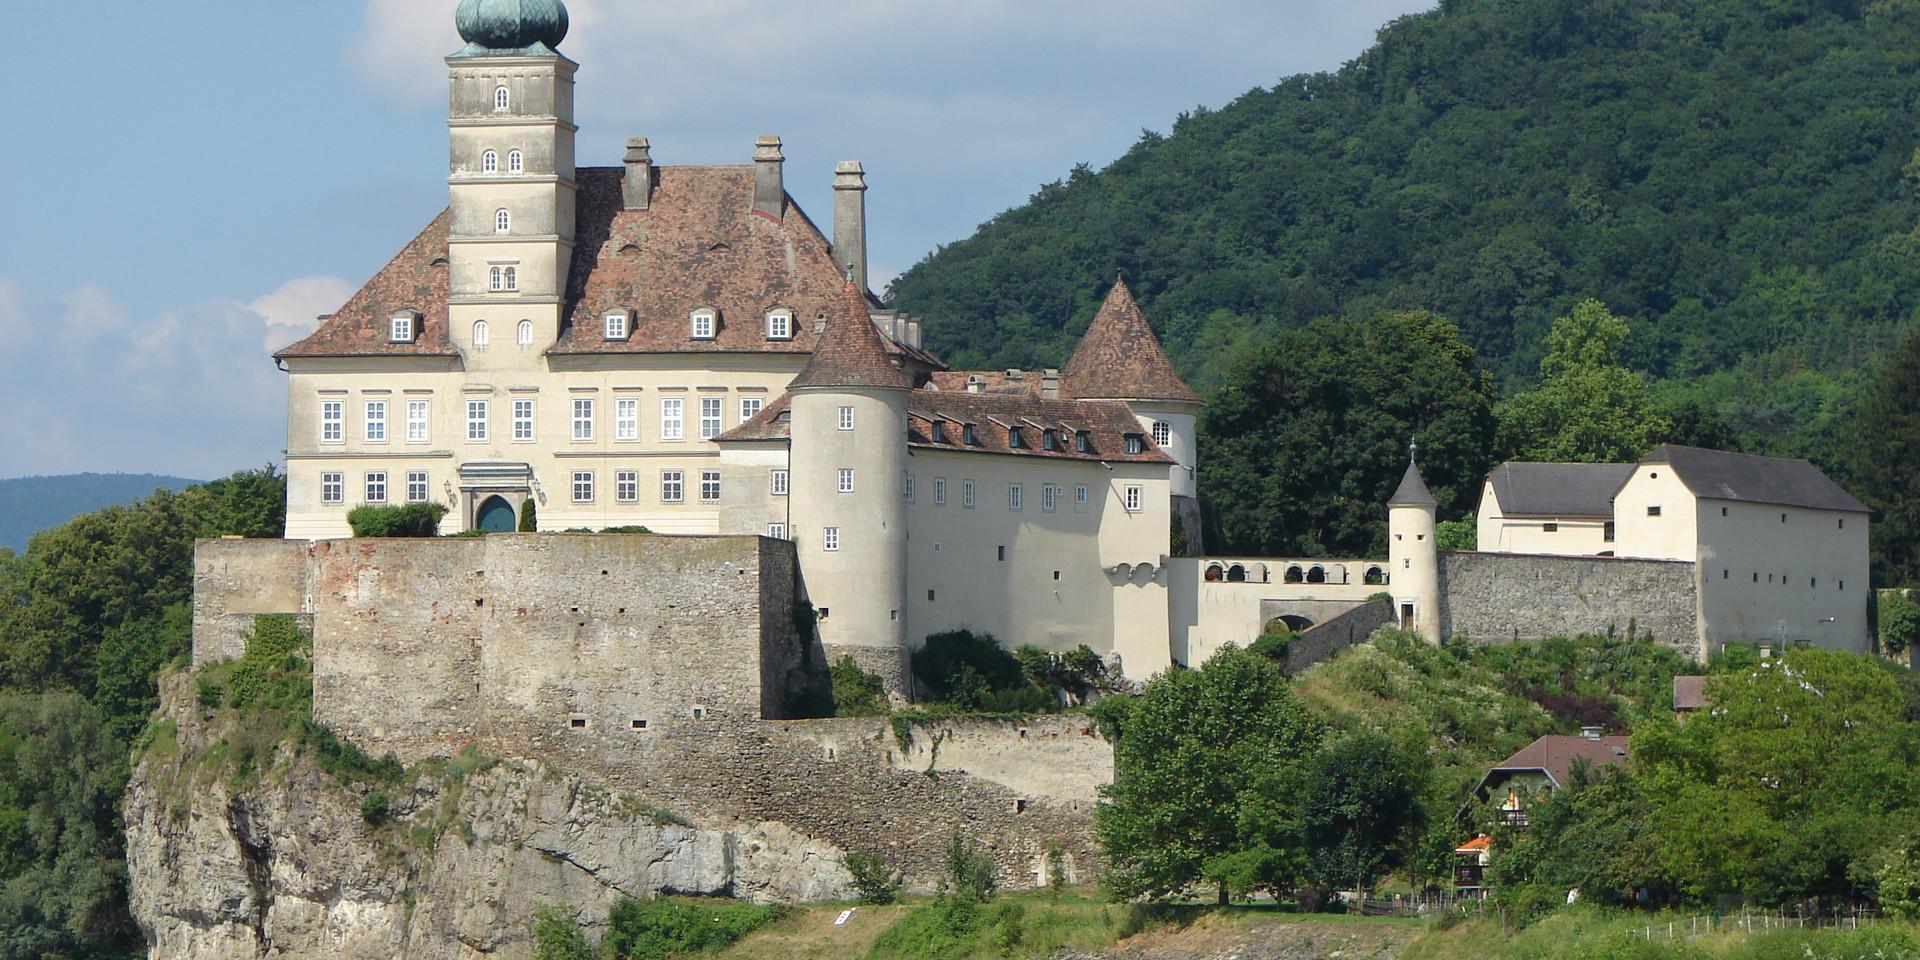 Schönbühel an der Donau castle (Austria, Day 3)